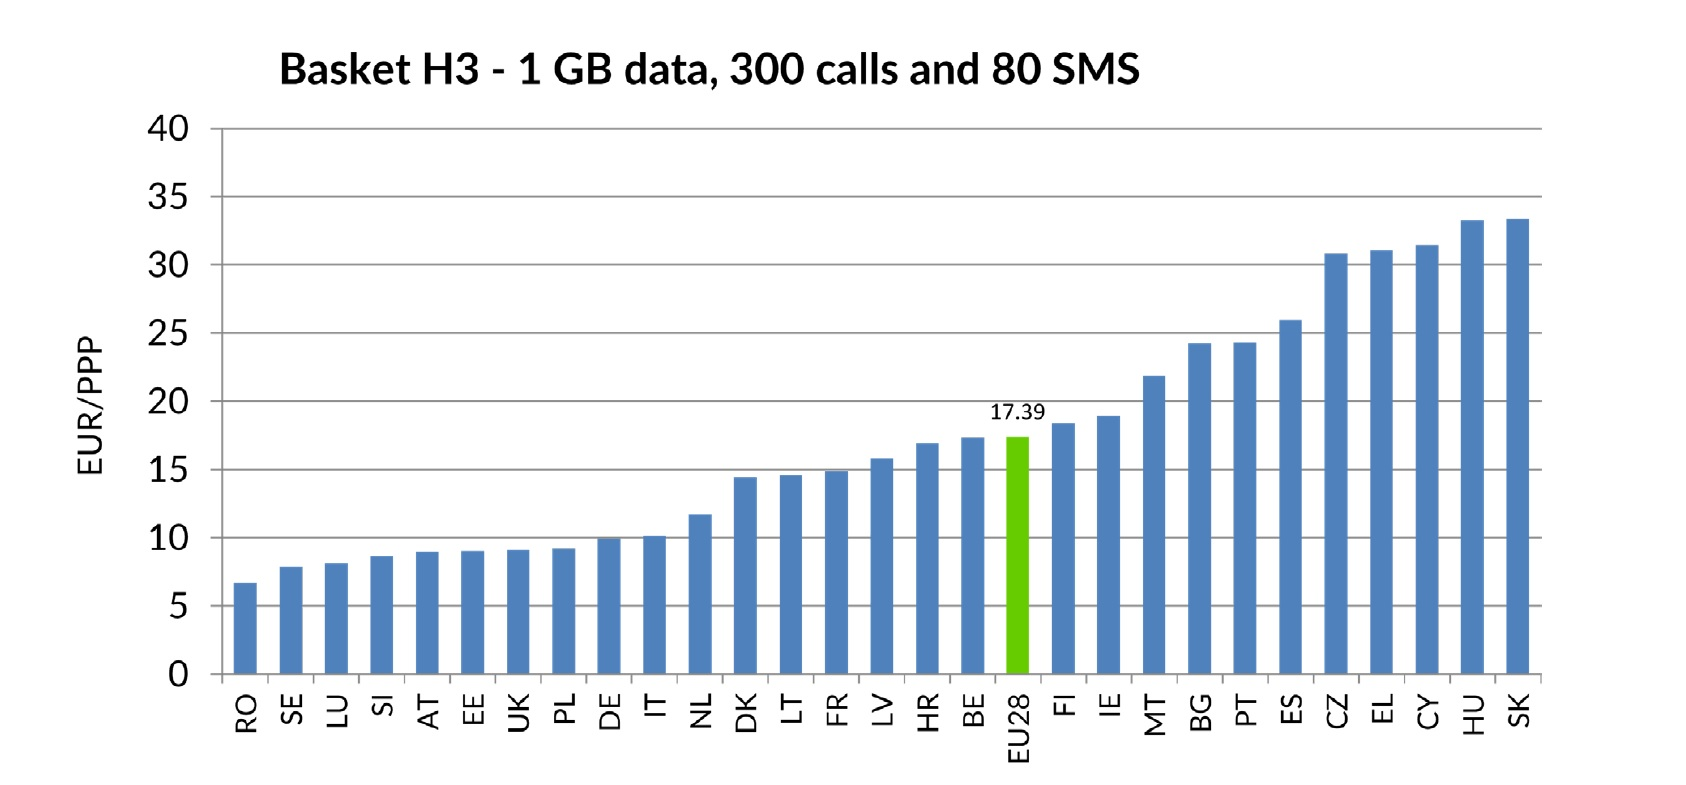 Porovnanie cien v jednotlivých krajinách EU za balík obsahujúci 1 GB dát, 300 hovorov a 80 SMS správ (Zdroj: Analýza Európskej komisie 12/2019)